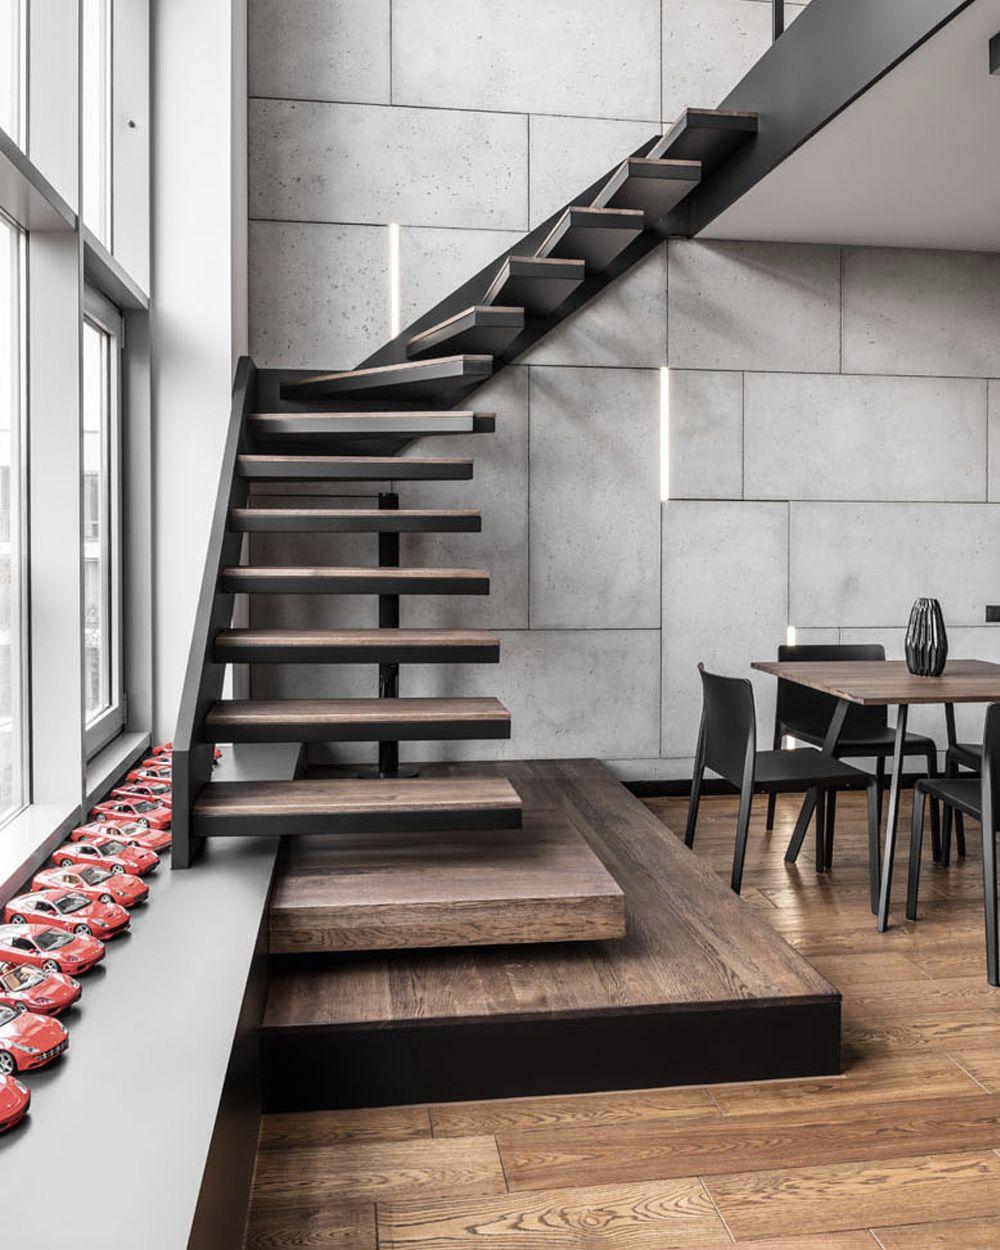 un loft mezzanine contemporain visite deco places pinterest maison maison moderne et. Black Bedroom Furniture Sets. Home Design Ideas